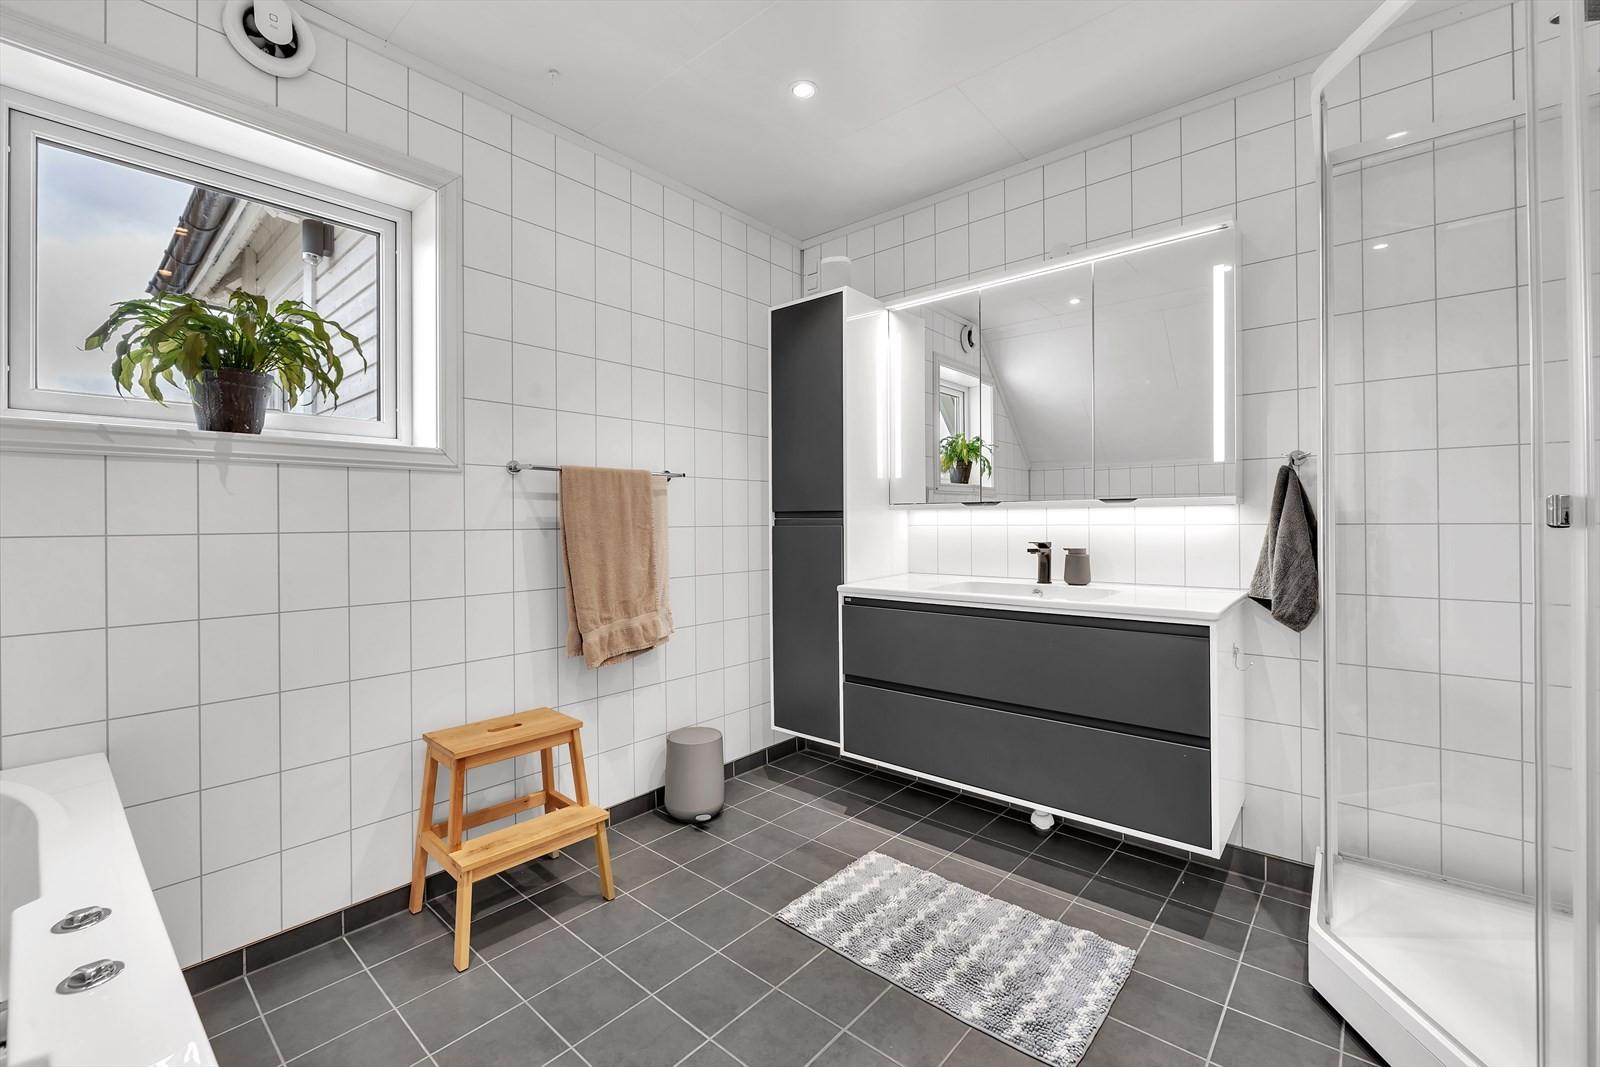 Her har du stor innredning med god lagringsplass, dusjkabinett og badekar (boblekar)